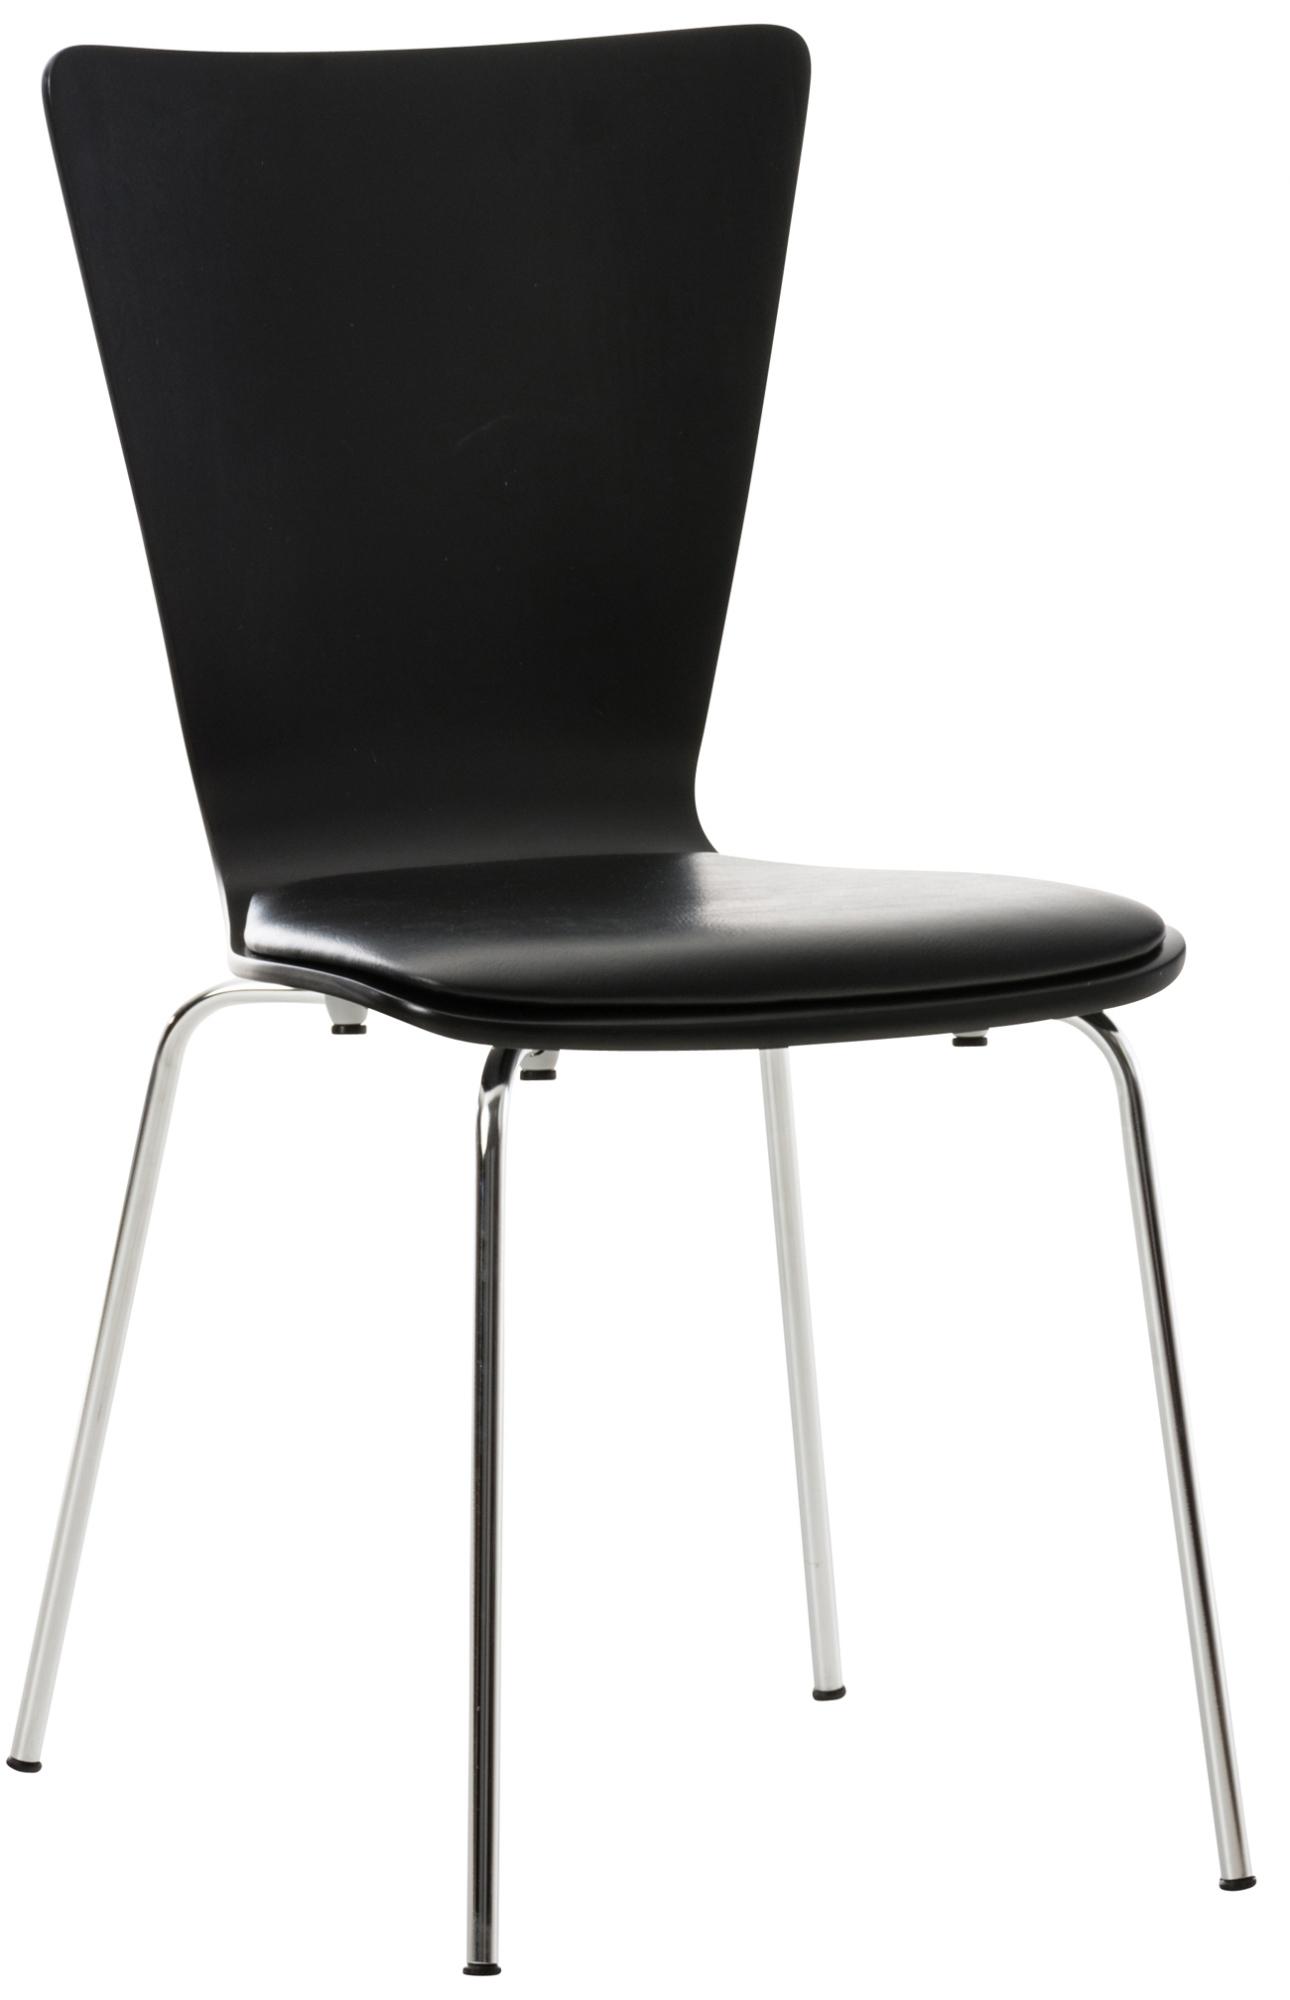 Překližková jídelní židle Jacob, černá/černá